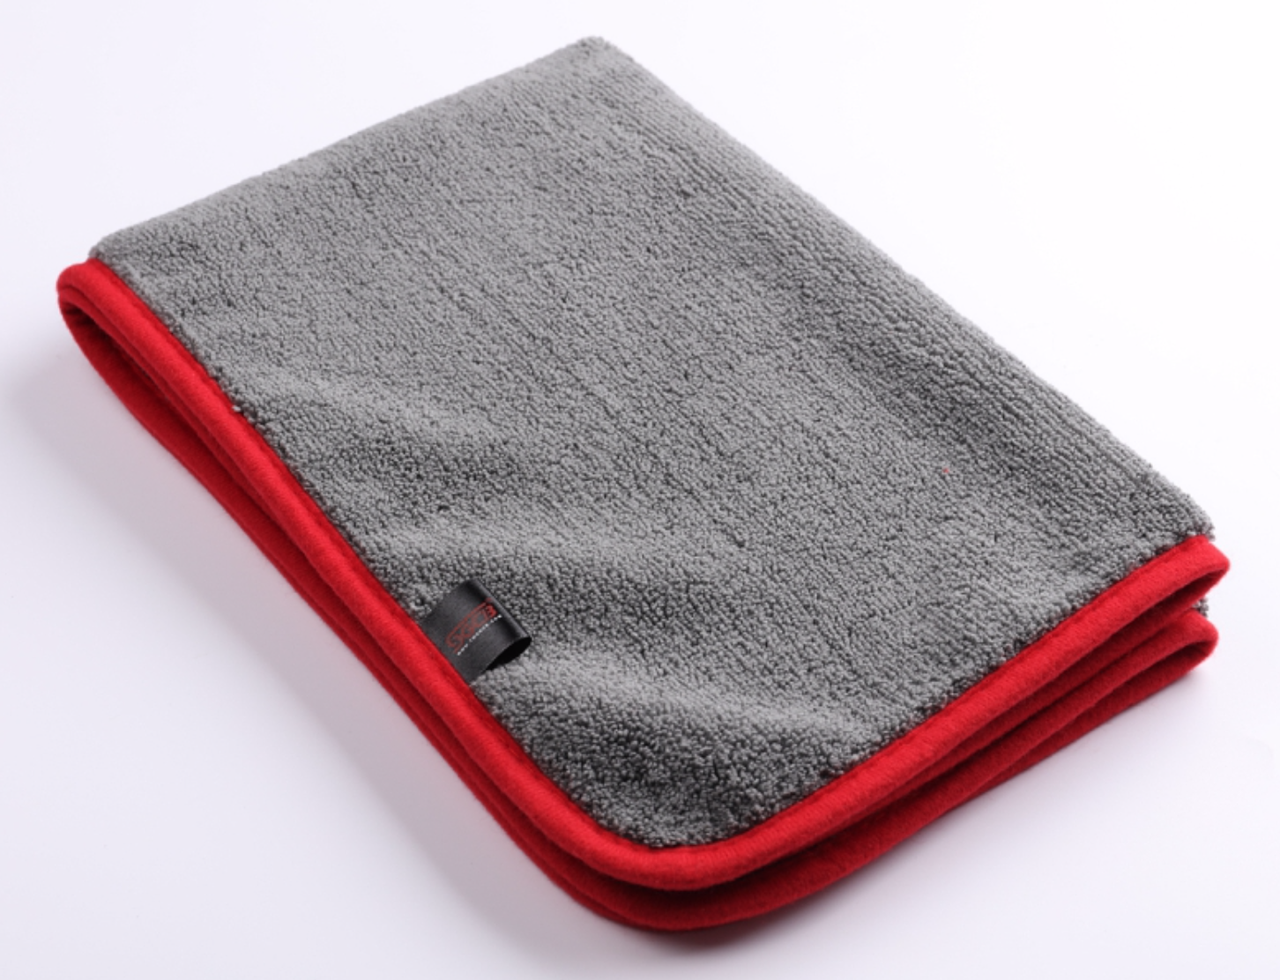 Микрофибра для располировки составов SGCB Miracle Cobra Towel 40*60см 380 г/м2 серая